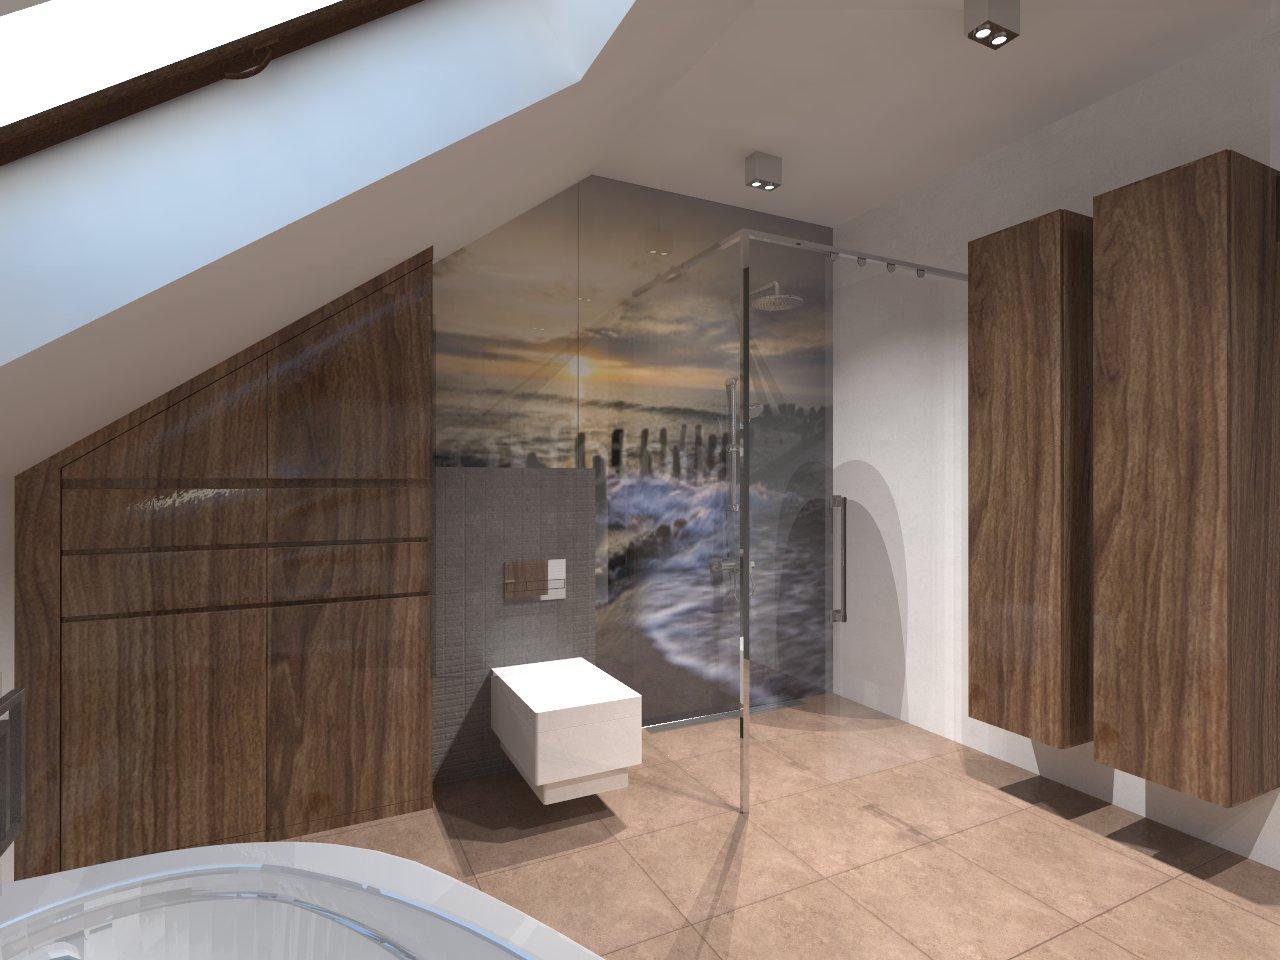 łazienka Na Poddaszu Ze Skosami Auradesing Aranżacja Wnętrz